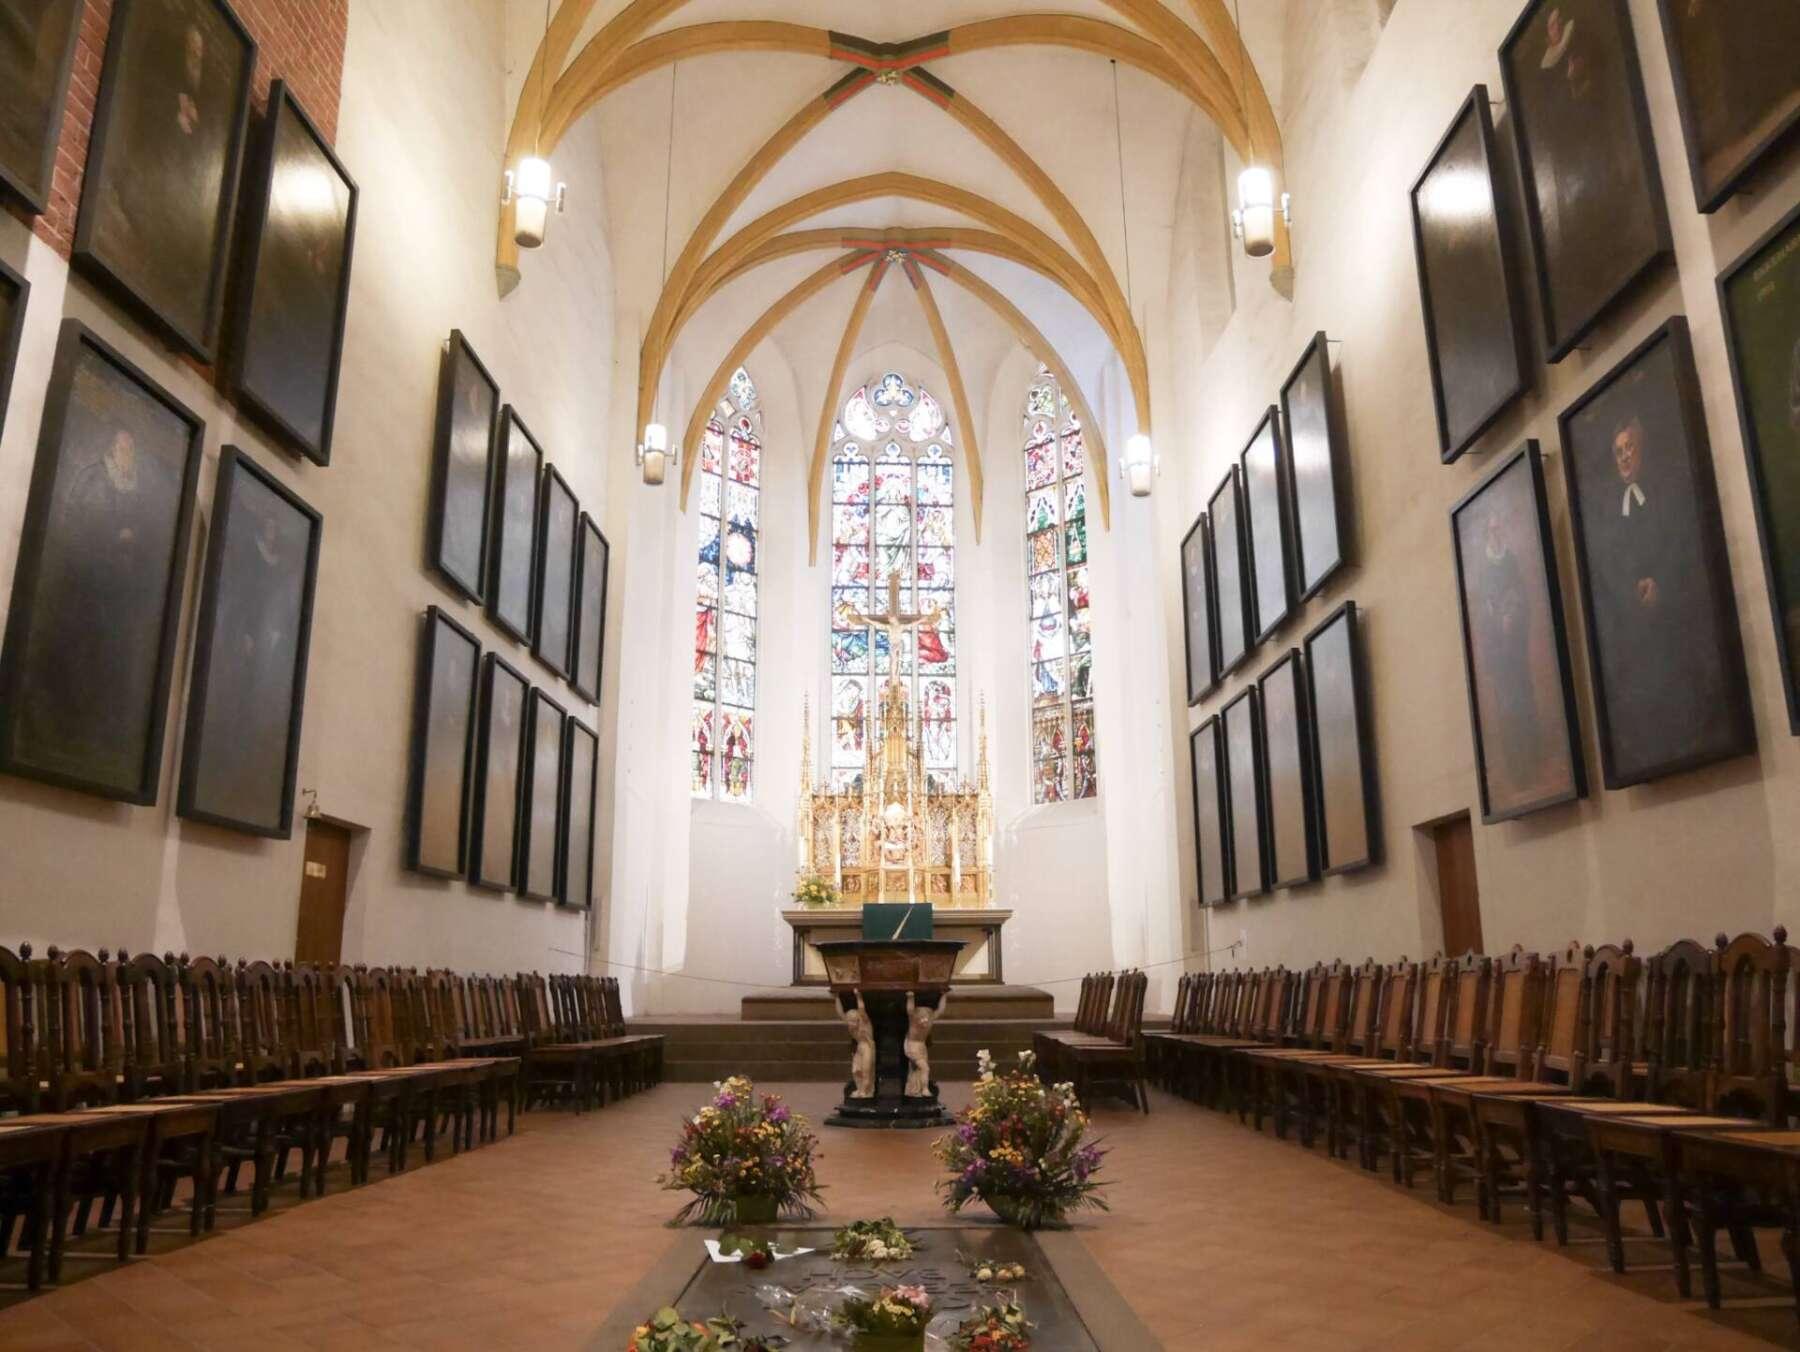 โบสถ์นักบุญโธมัส ไลพ์ซิก (St. Thomas Church Leipzig)